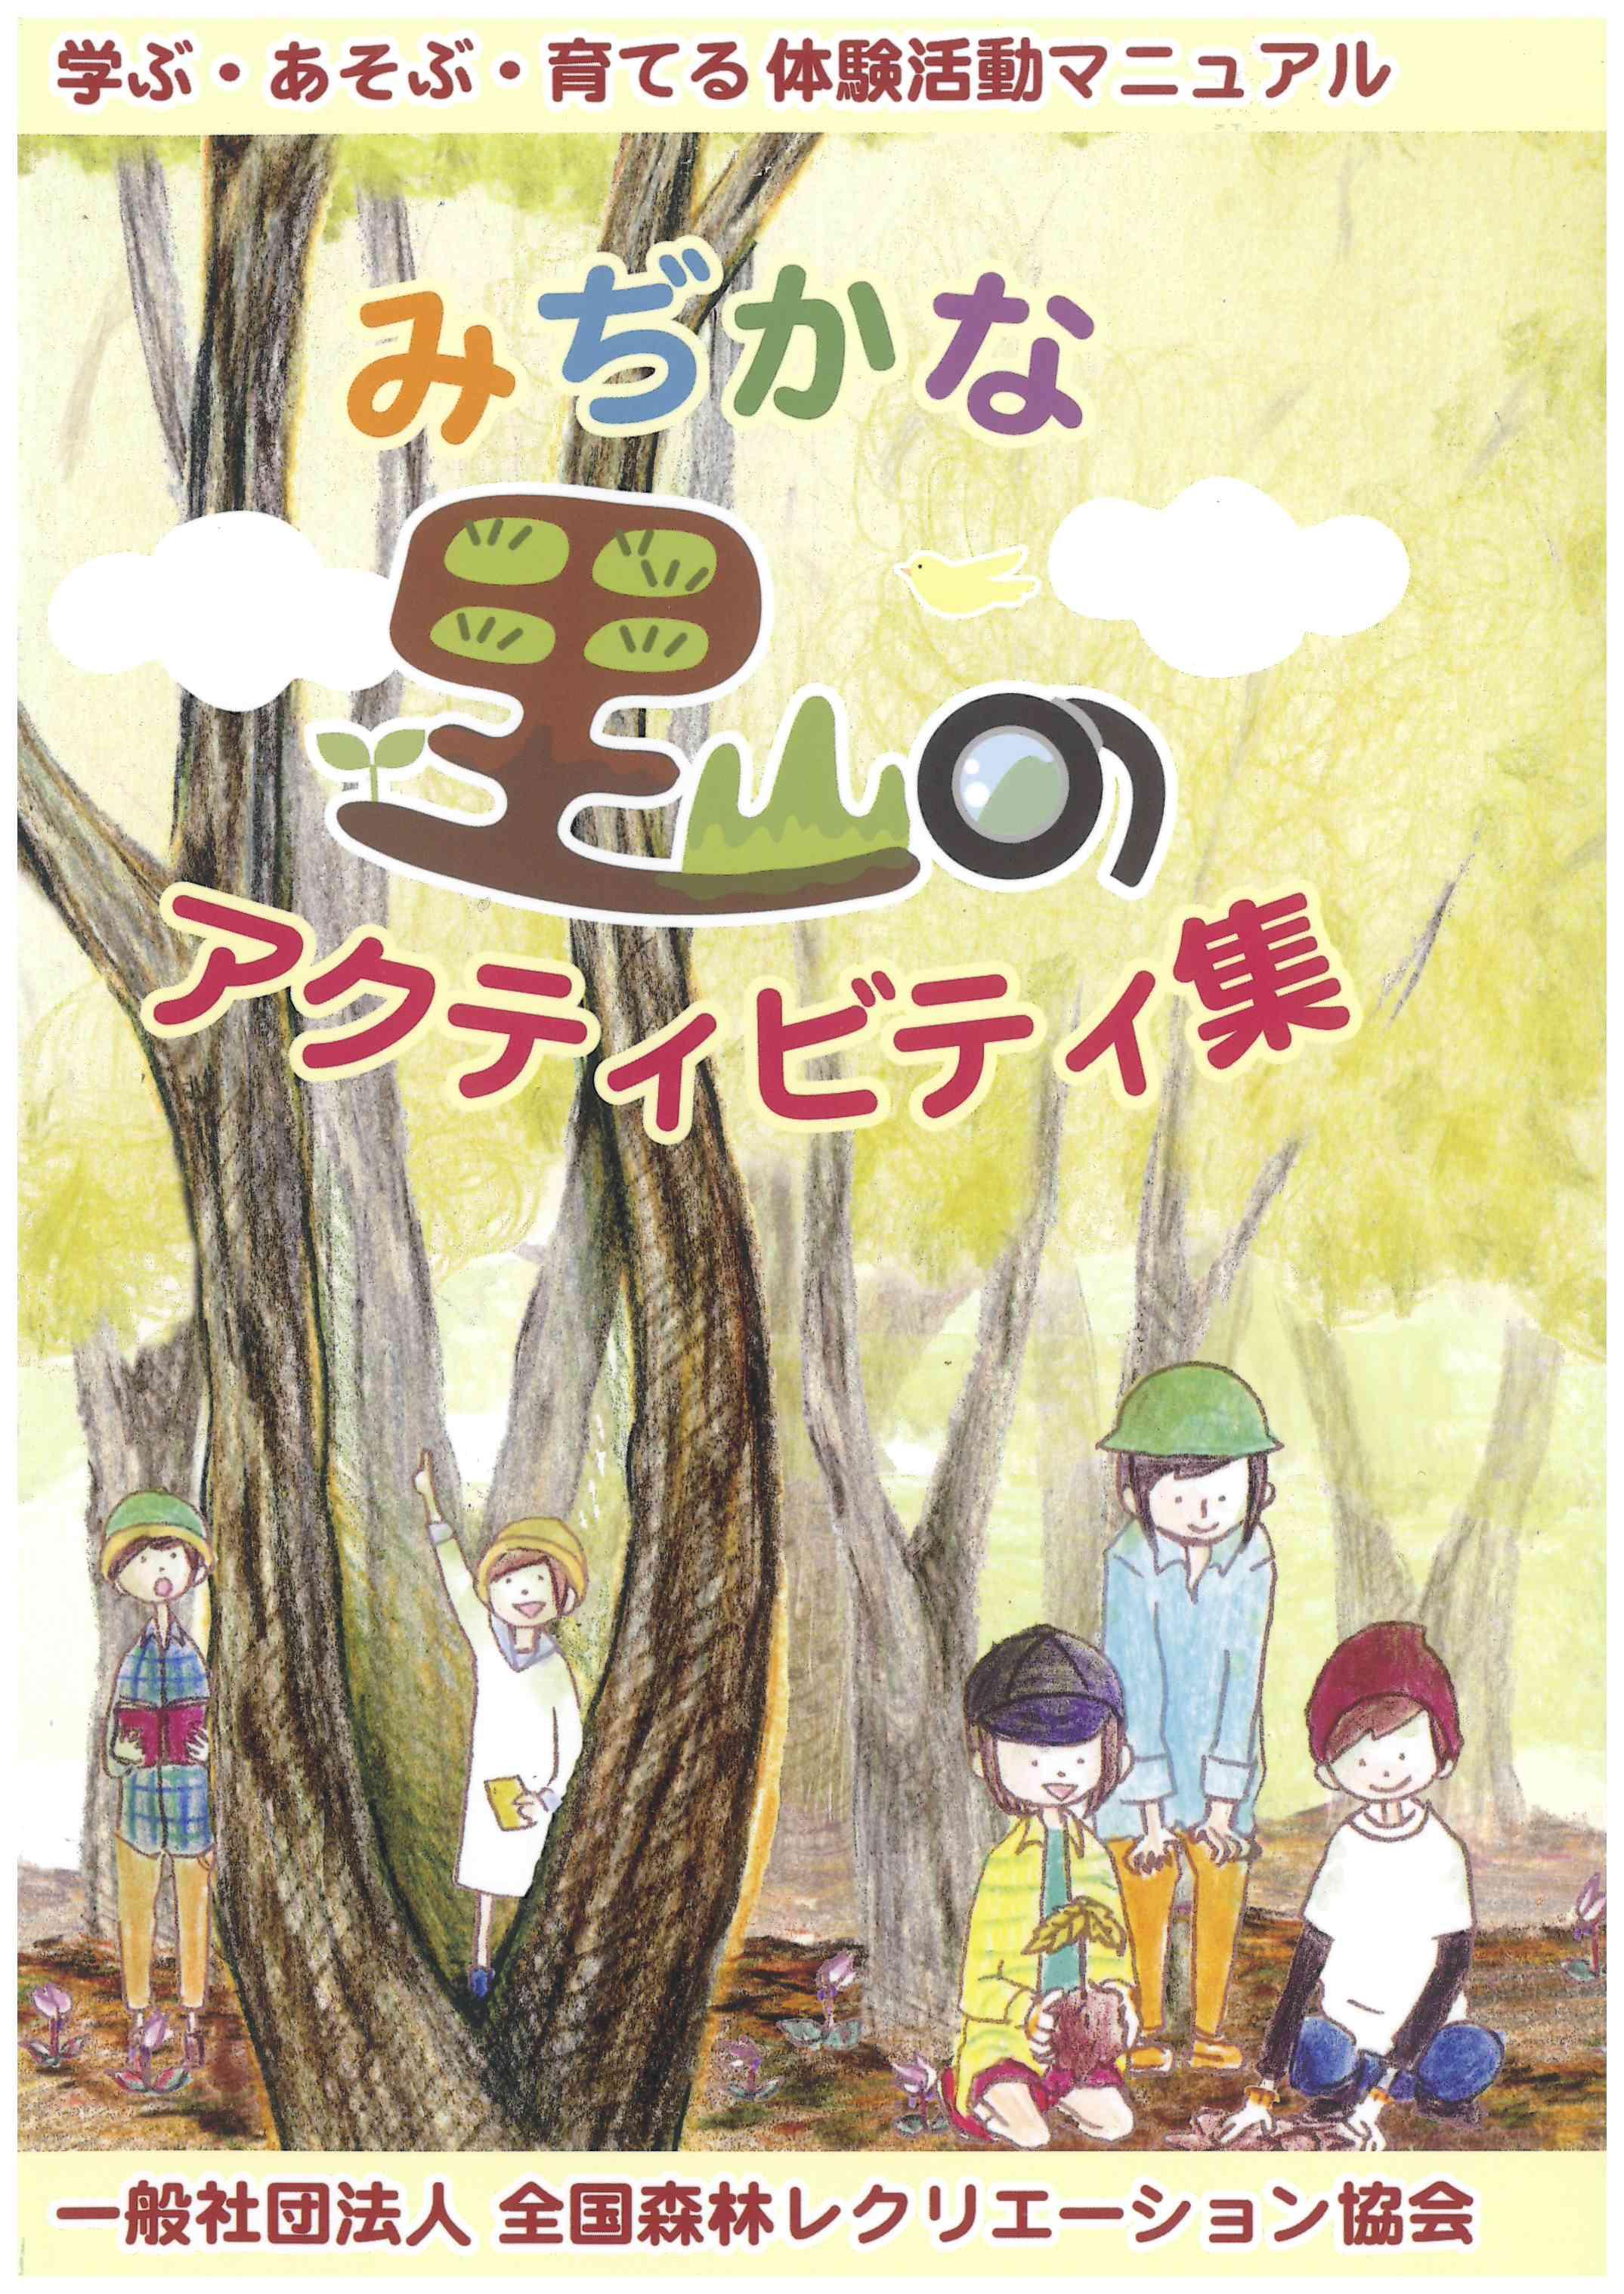 「みぢかな里山のアクティビティ集」学ぶ・あそぶ・育てる体験活動マニュアル